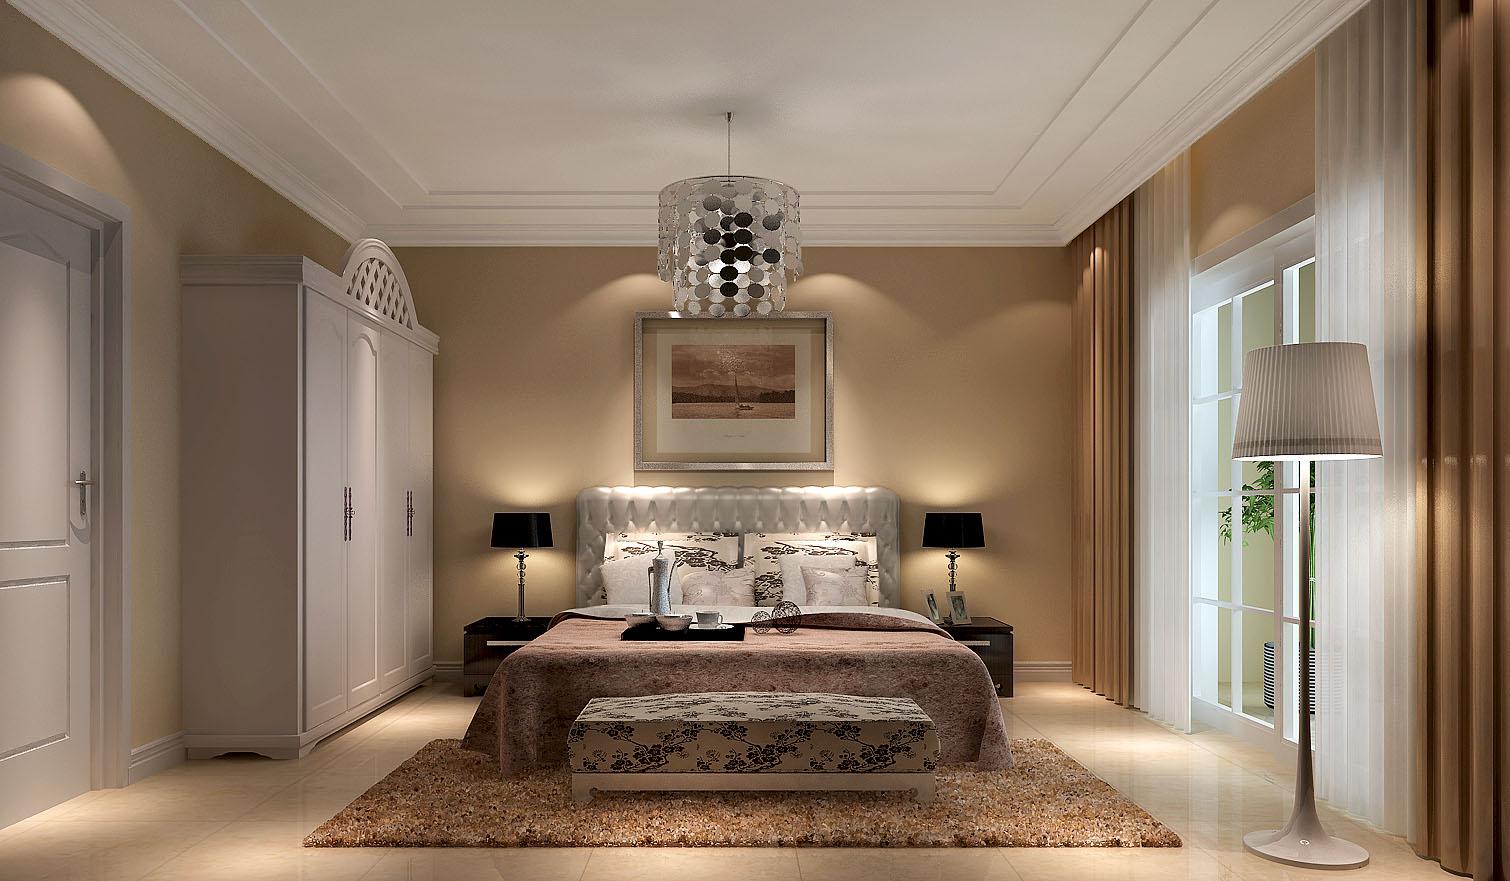 影人四季 高度国际 三居 简约 现代 白领 80后 收纳 白富美 卧室图片来自北京高度国际装饰设计在影人四季150平现代公寓的分享